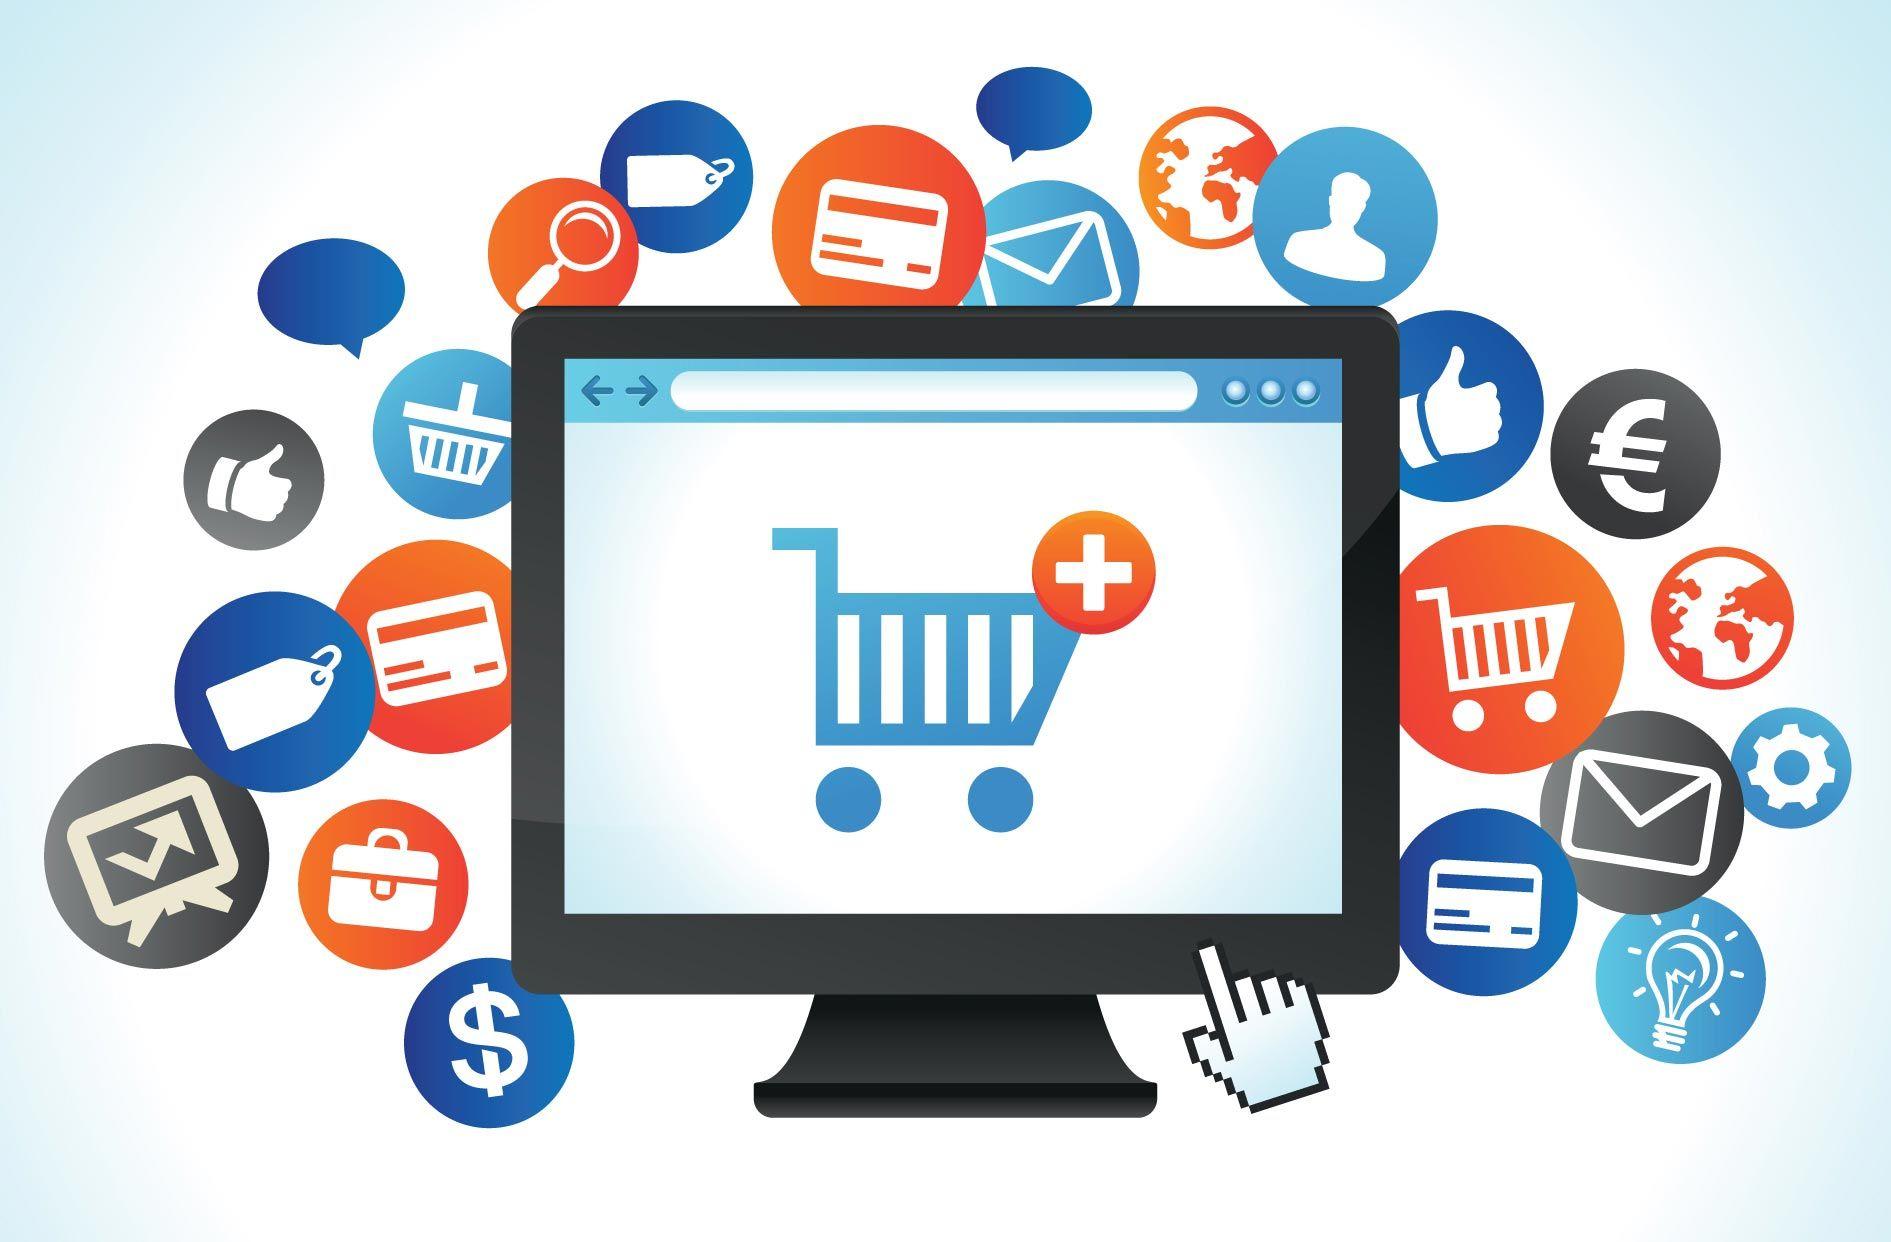 O Que A Minha Plataforma De E-Commerce Deve Ter?